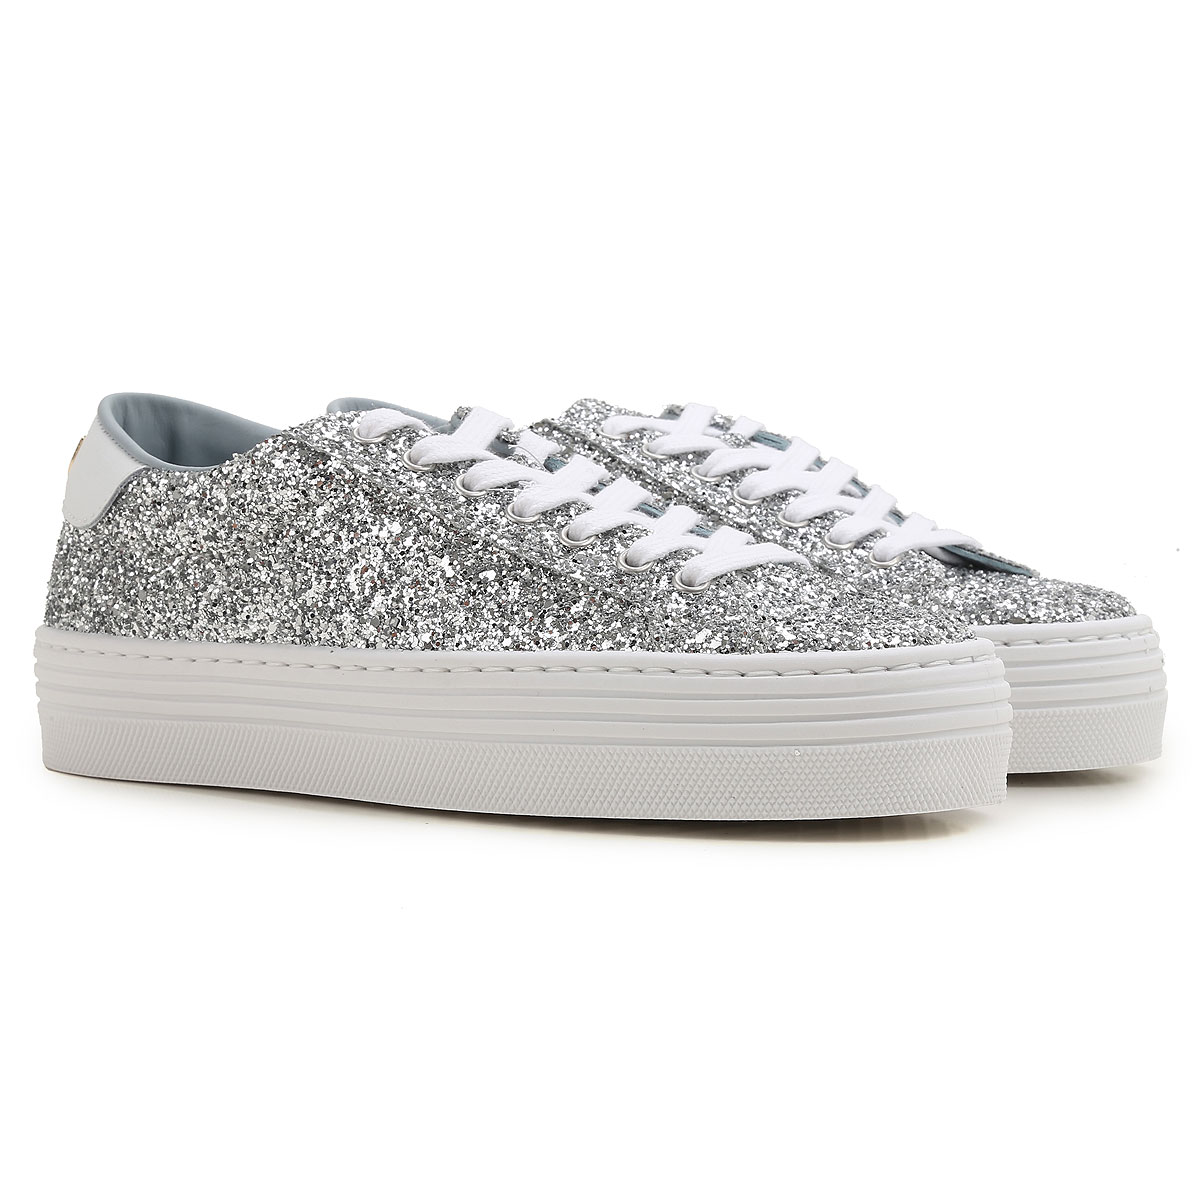 Chiara Ferragni Sneakers for Women On Sale in Outlet, Silver, Glitter, 2019, 5 6 7 8 9